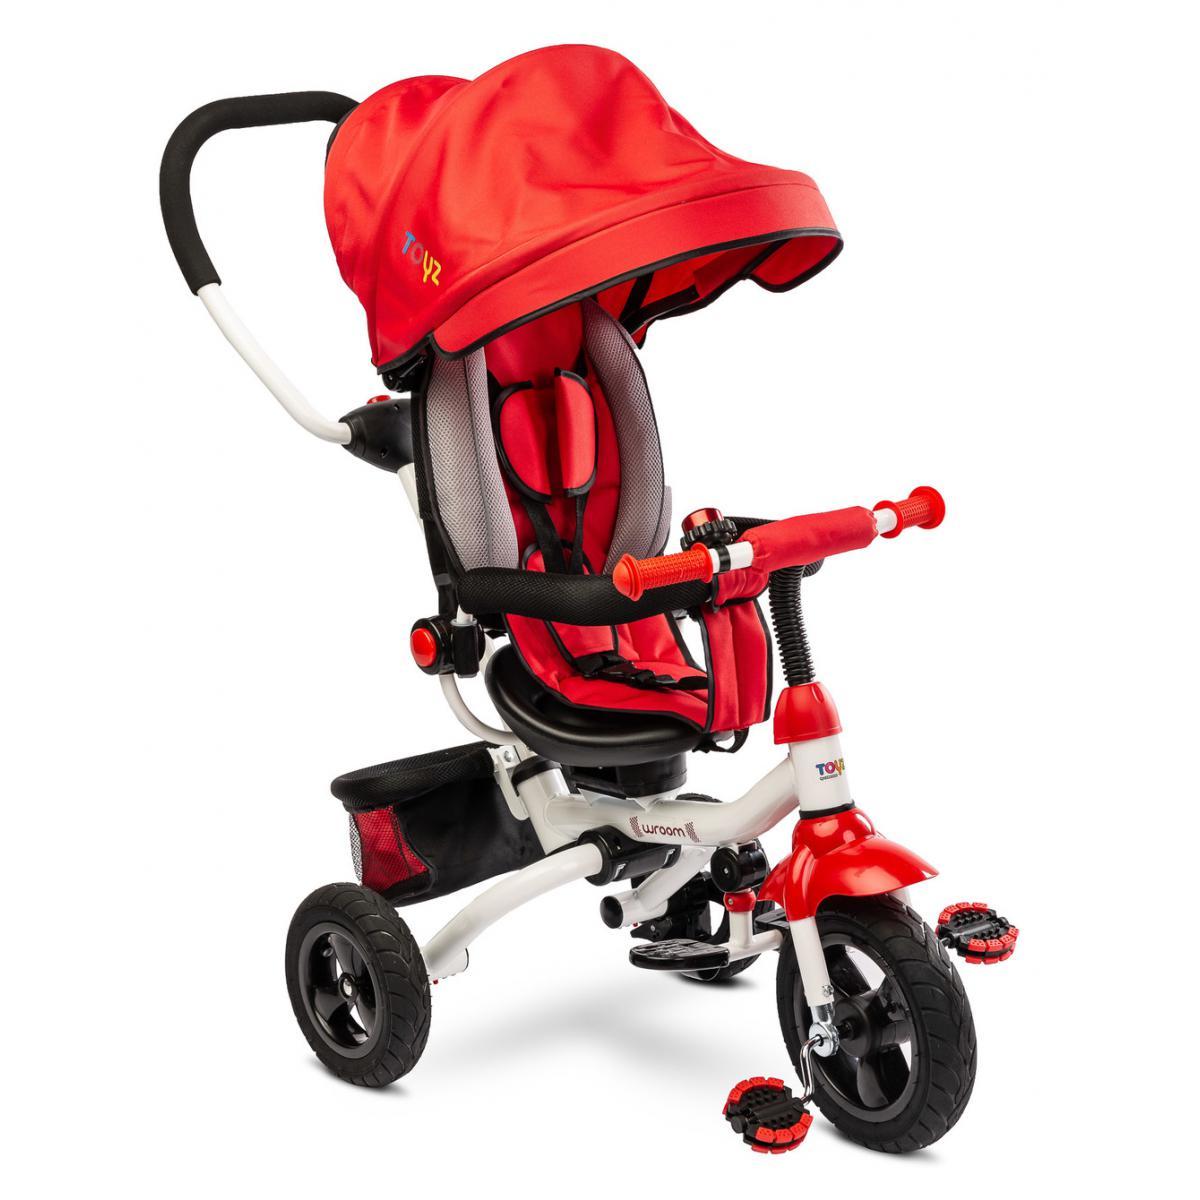 Hucoco SOMMI - Vélo tricycle - Âge 3-5 ans - Harnais de sécurité - 2 freins indépendants - Roues en mousse - Vélo enfants - Rou